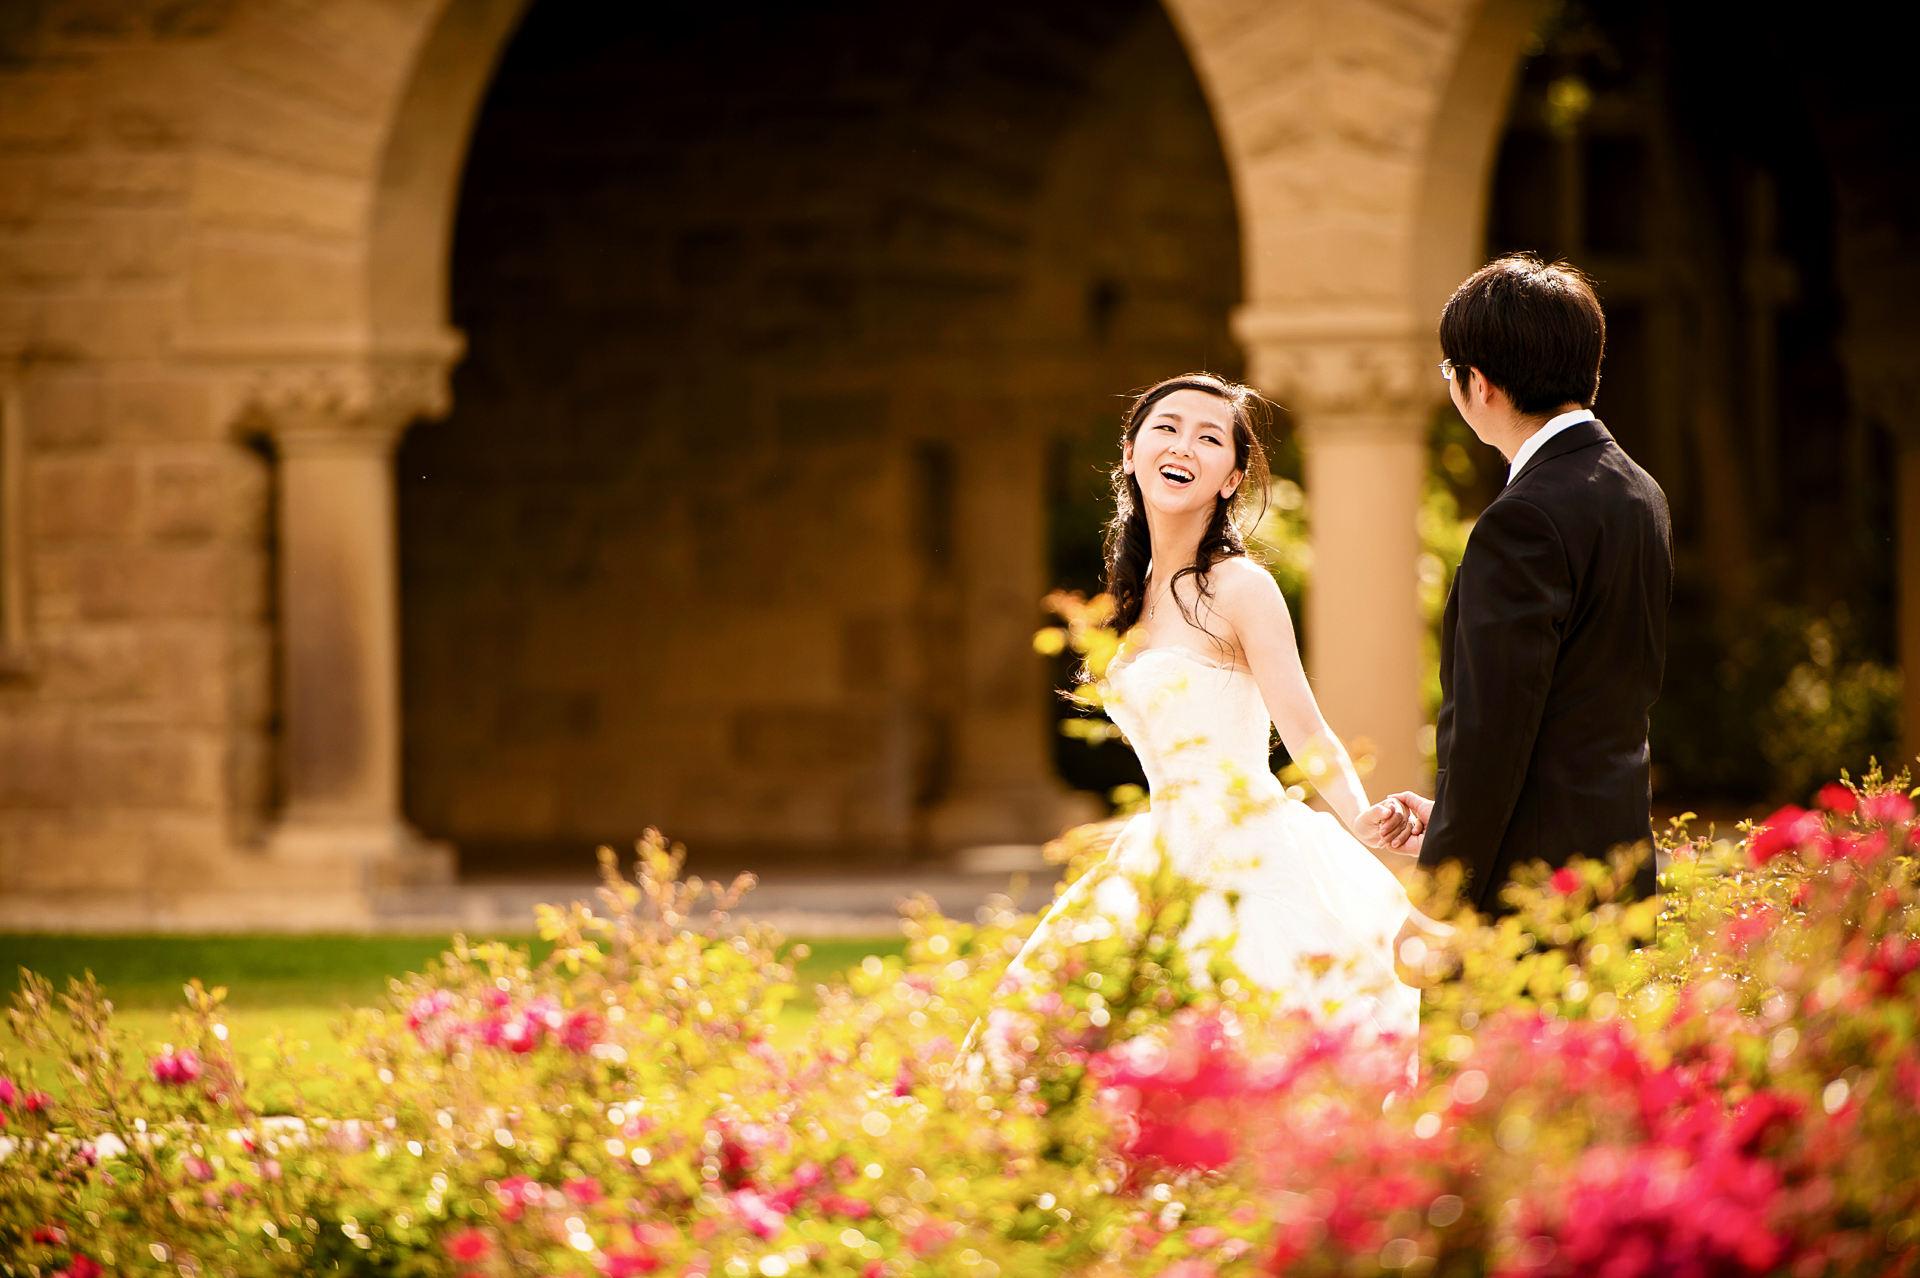 斯坦福校园婚纱照